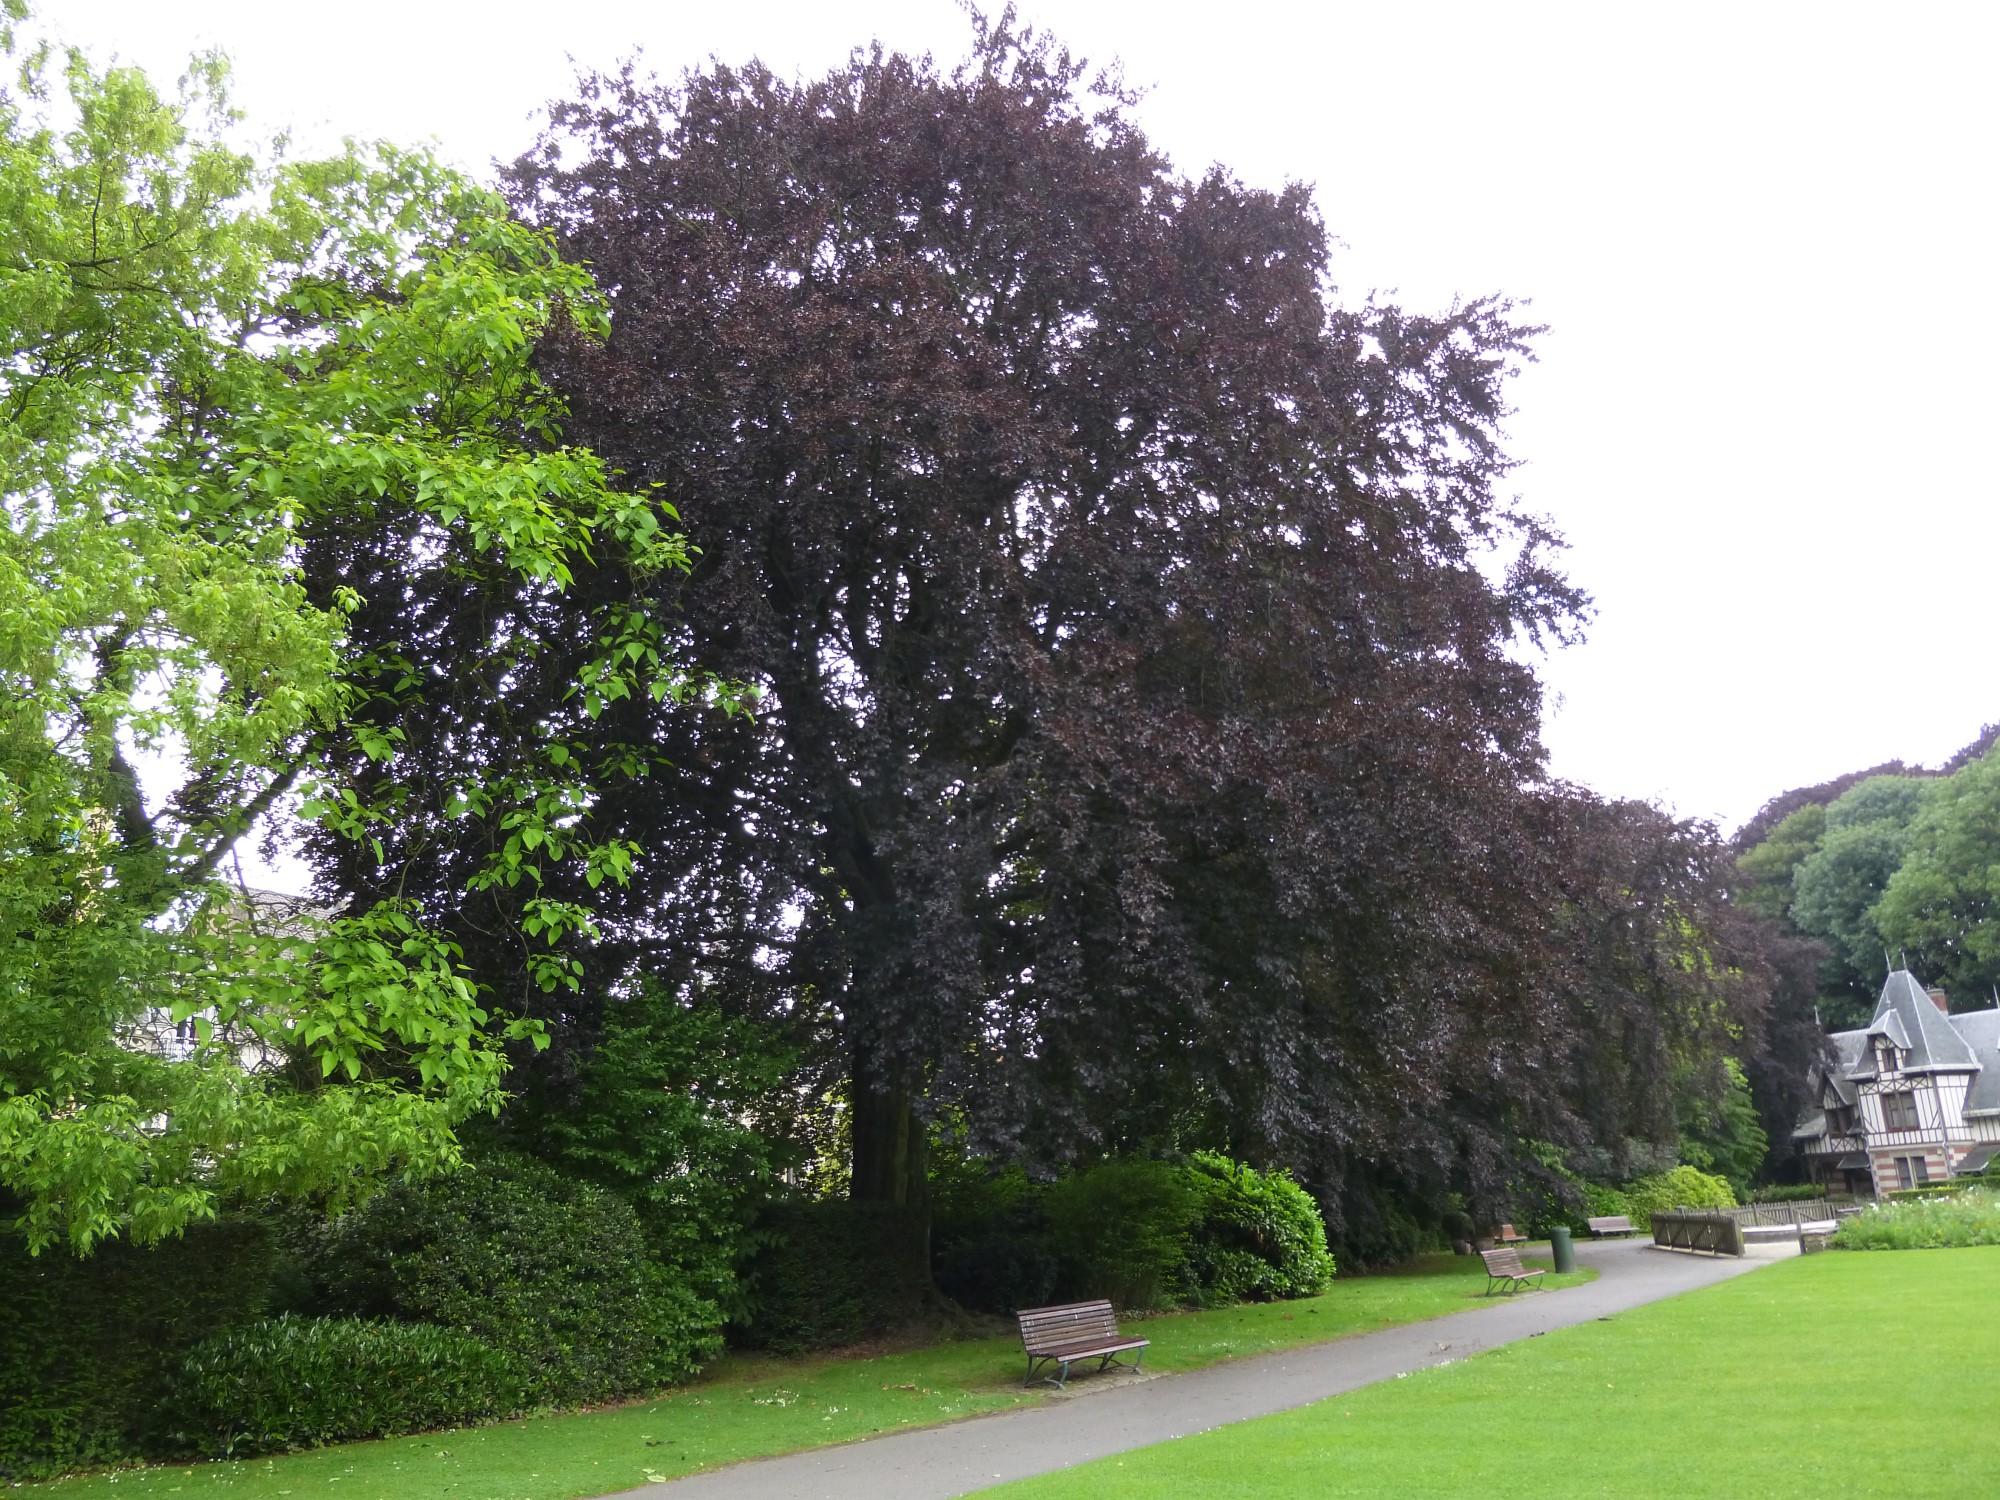 Hêtre pourpre – Bruxelles, Parc Sobiesky et Jardin colonial, Avenue Jean Sobieski –  24 Juin 2013